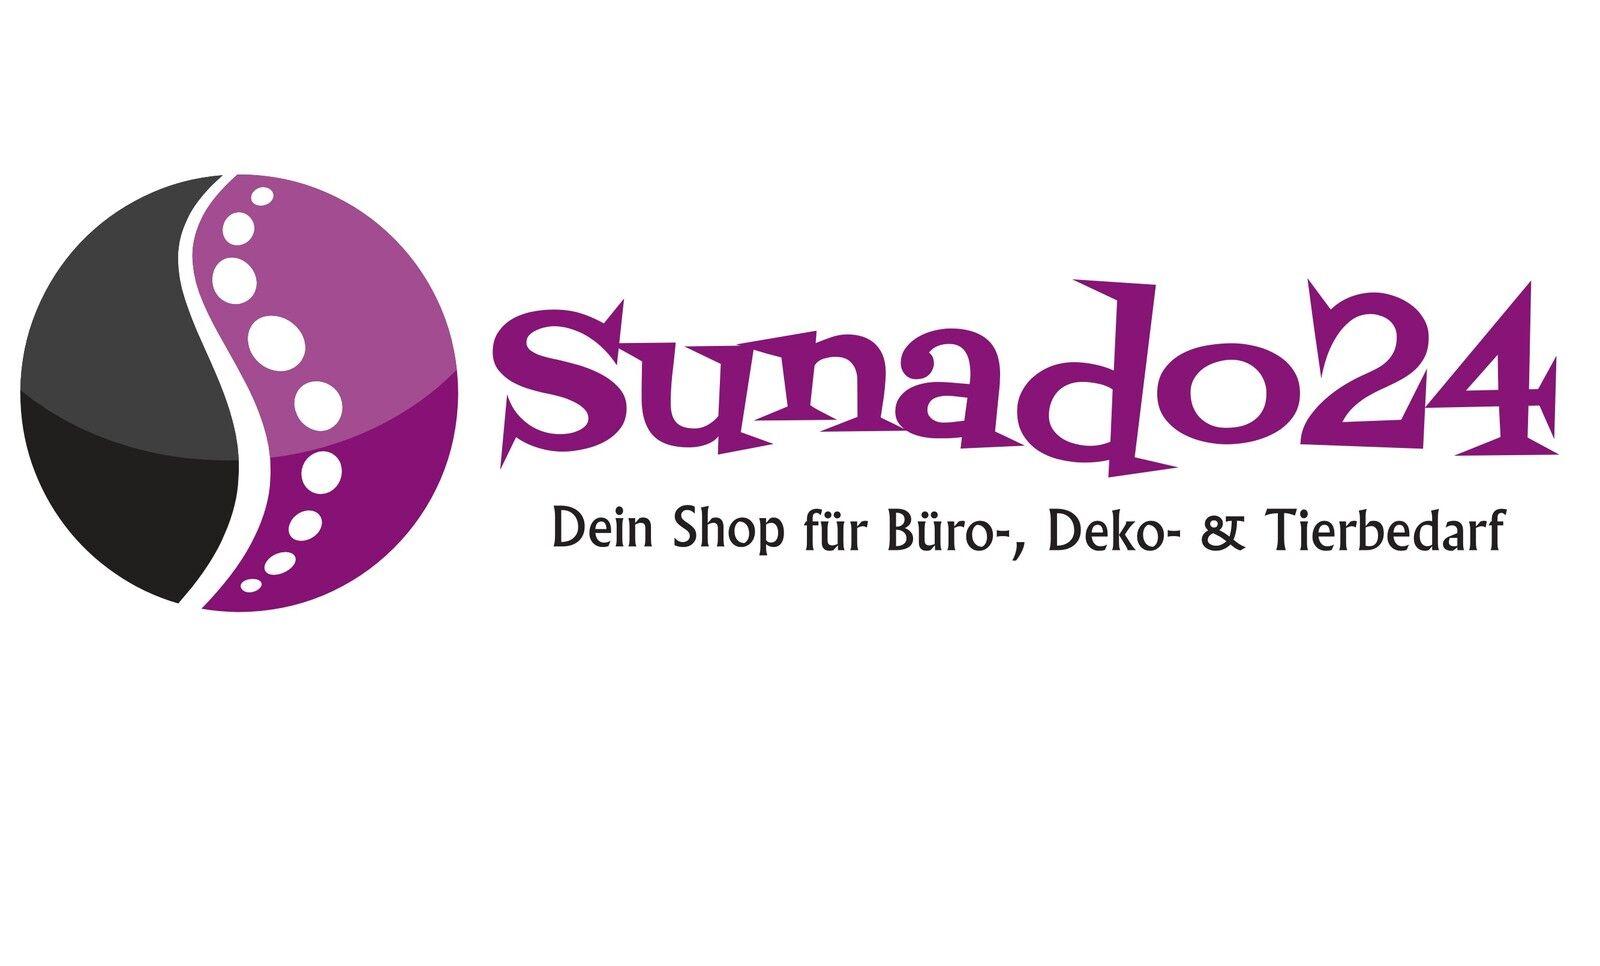 sunado24